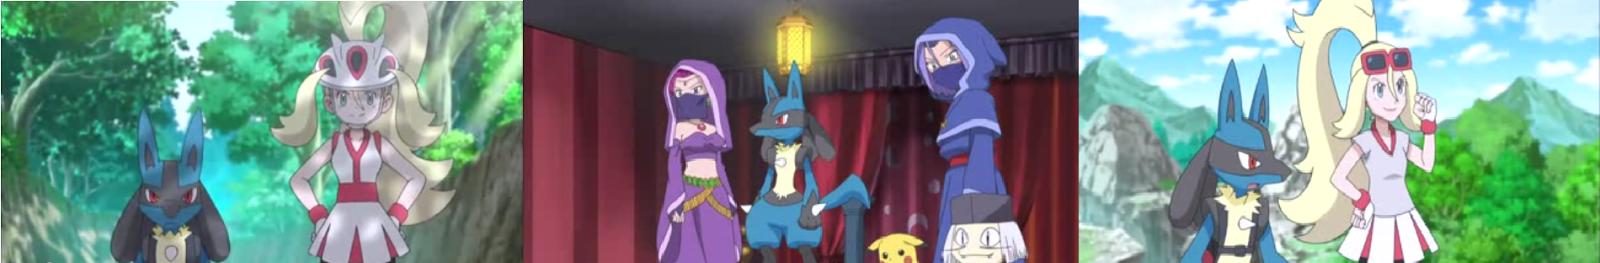 Pokémon - Capítulo 29 - Temporada 17 - Audio Latino